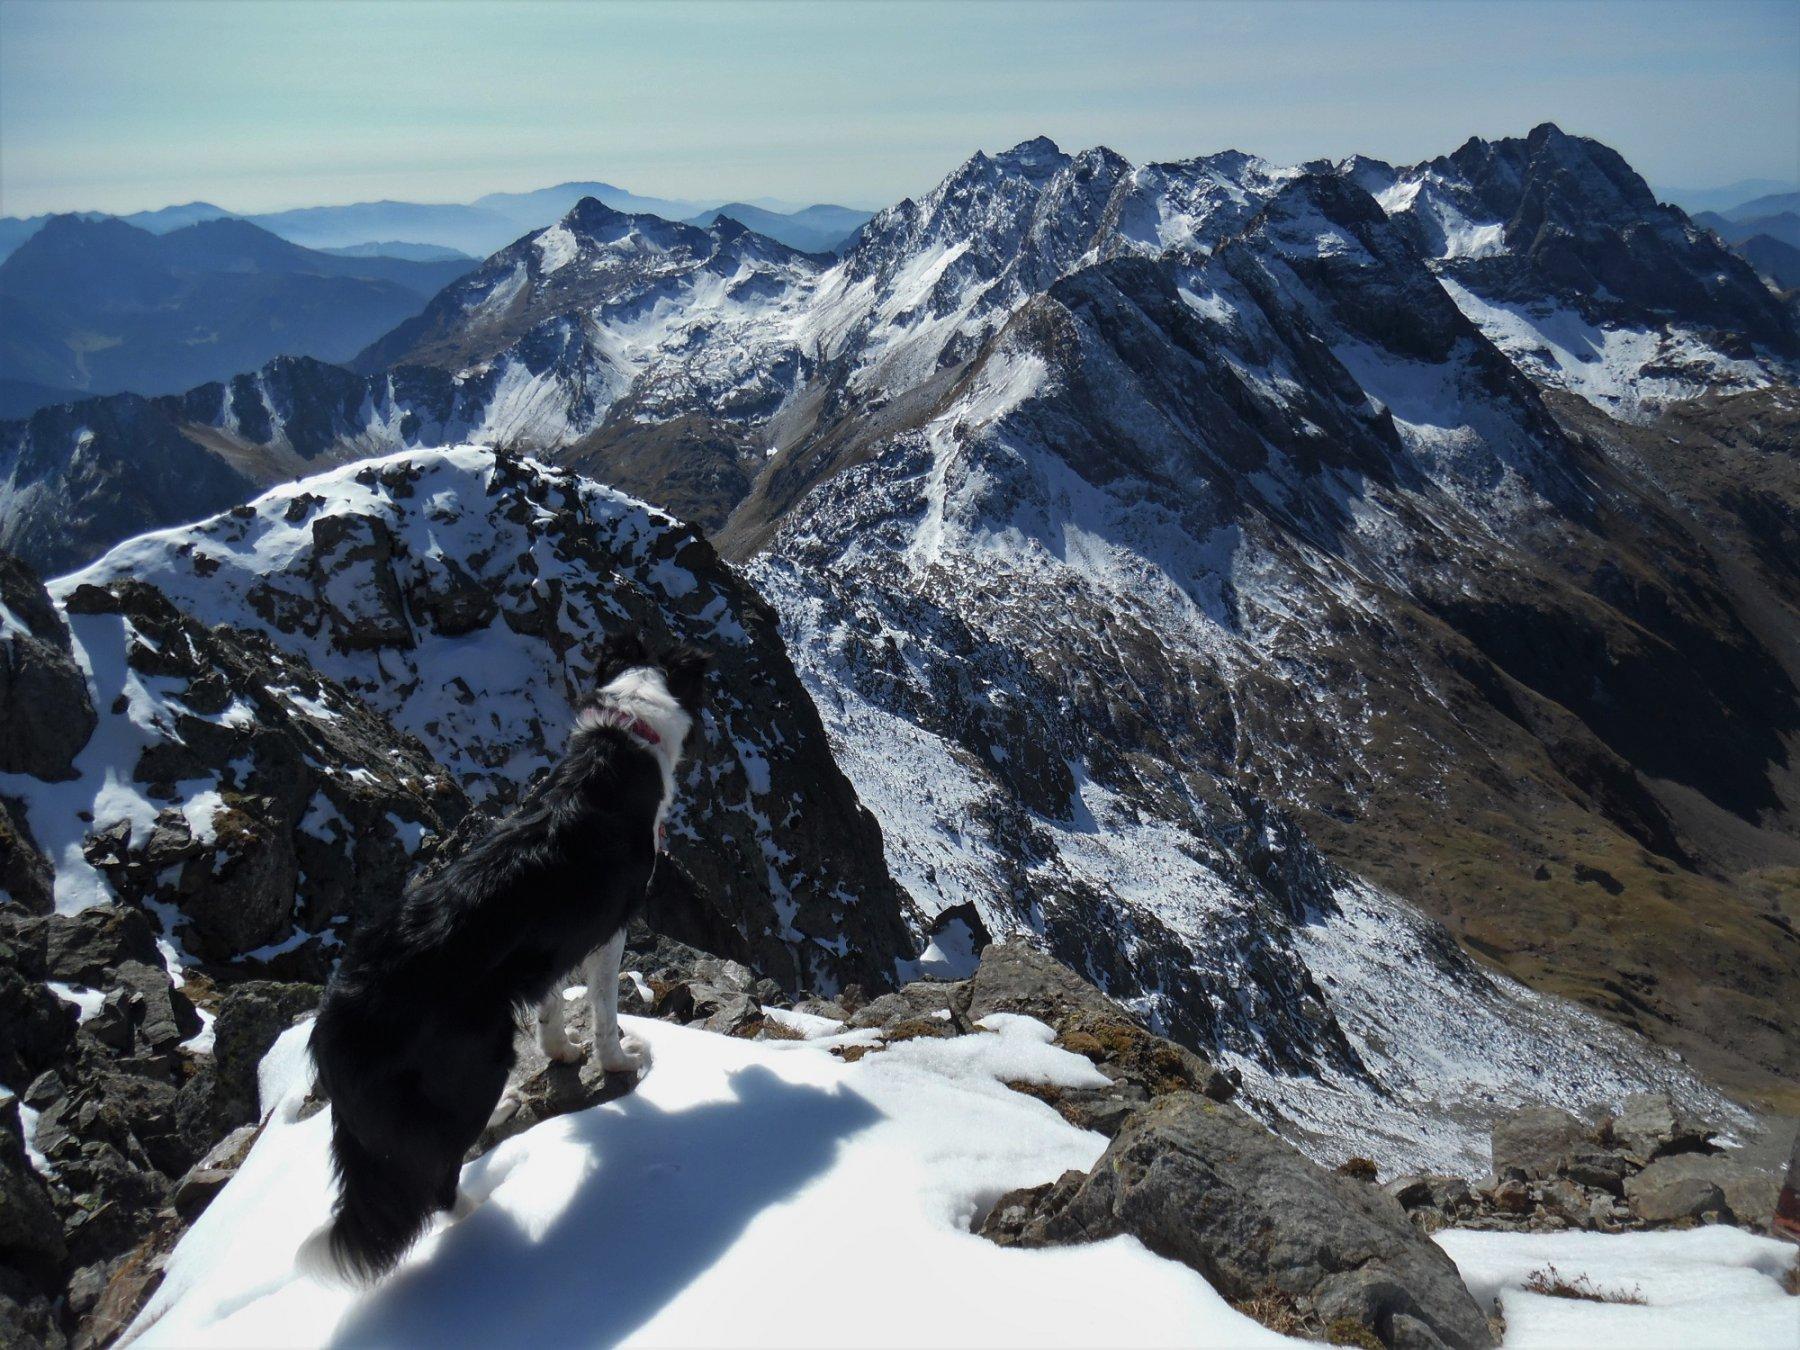 Recastello, Gleno e Tre Confini dal Torena 2911 m